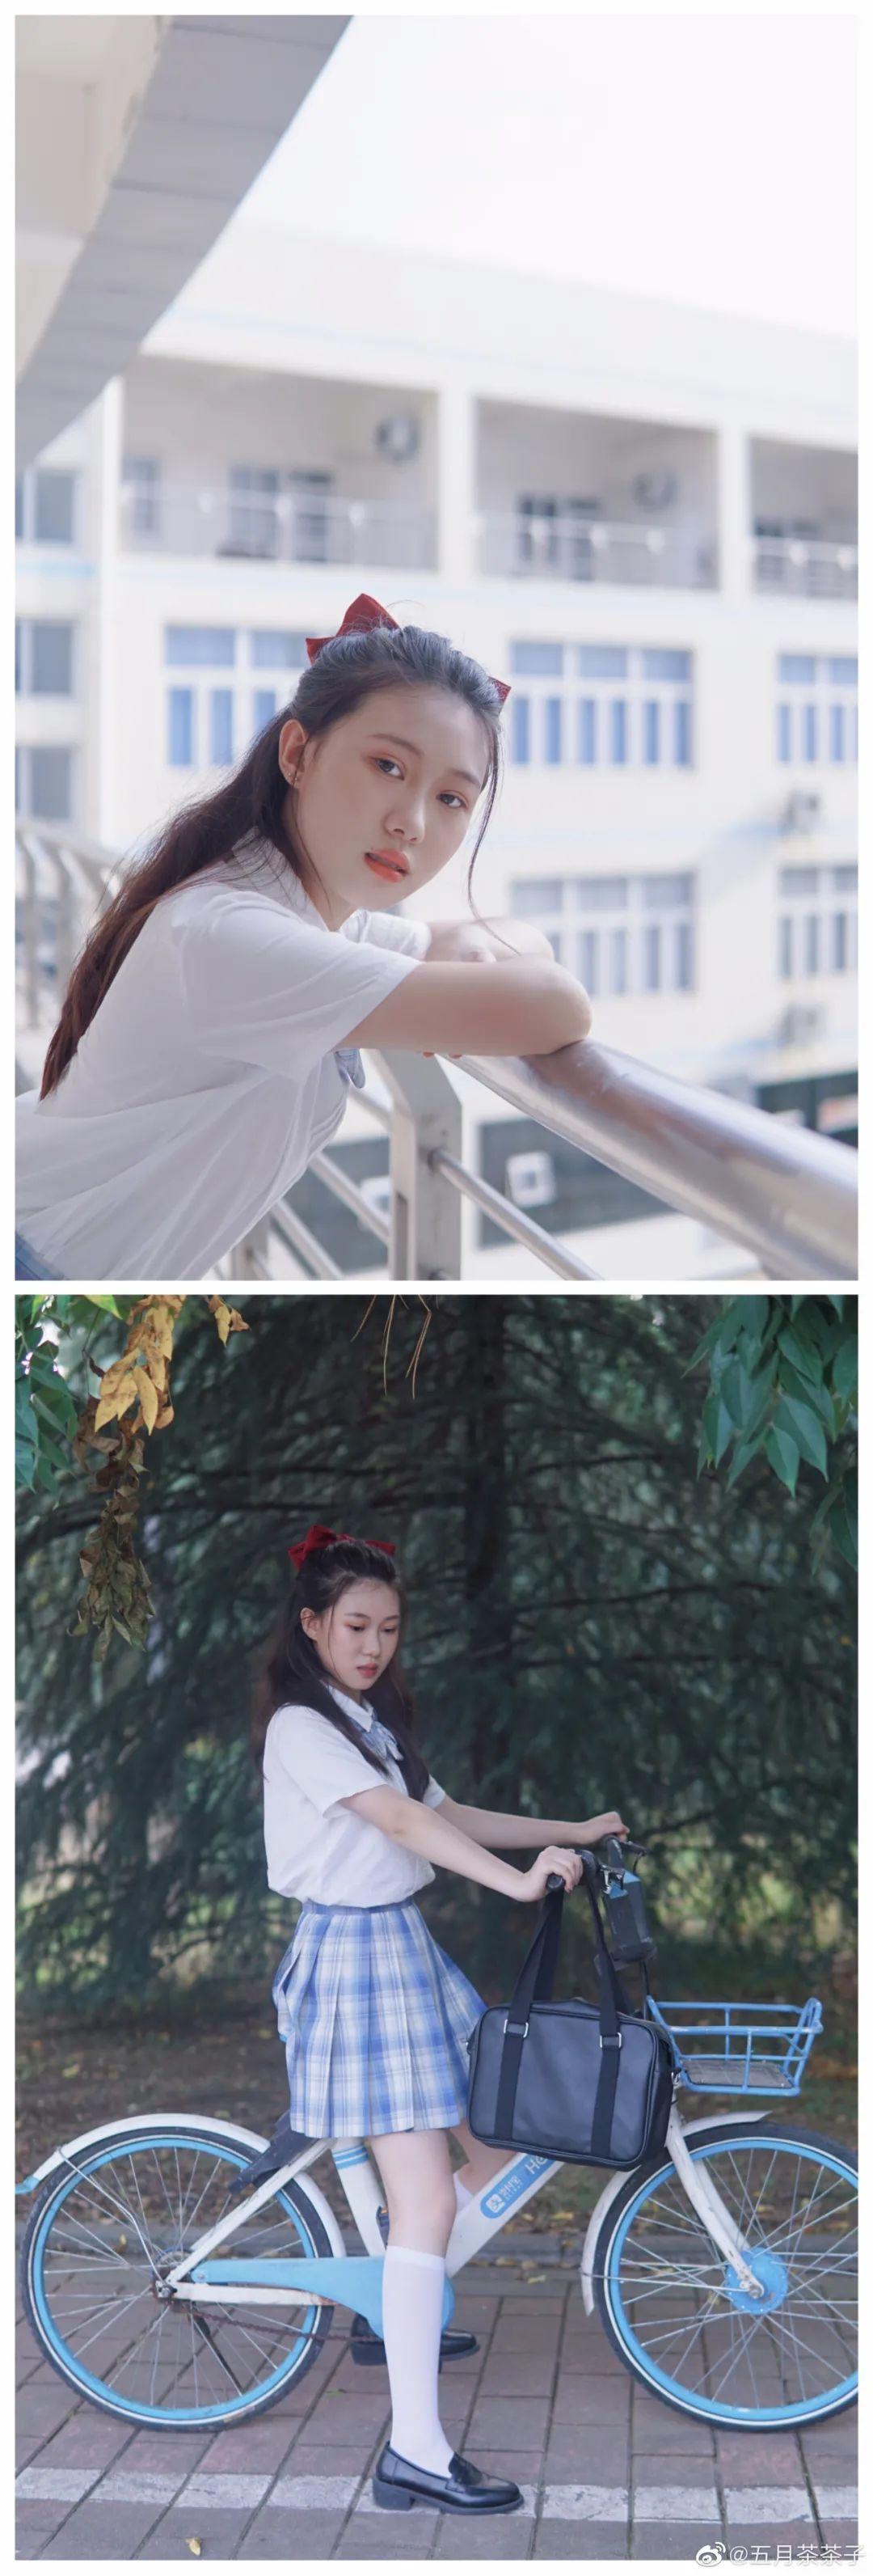 妹子摄影 – JK制服白丝学妹_图片 No.7